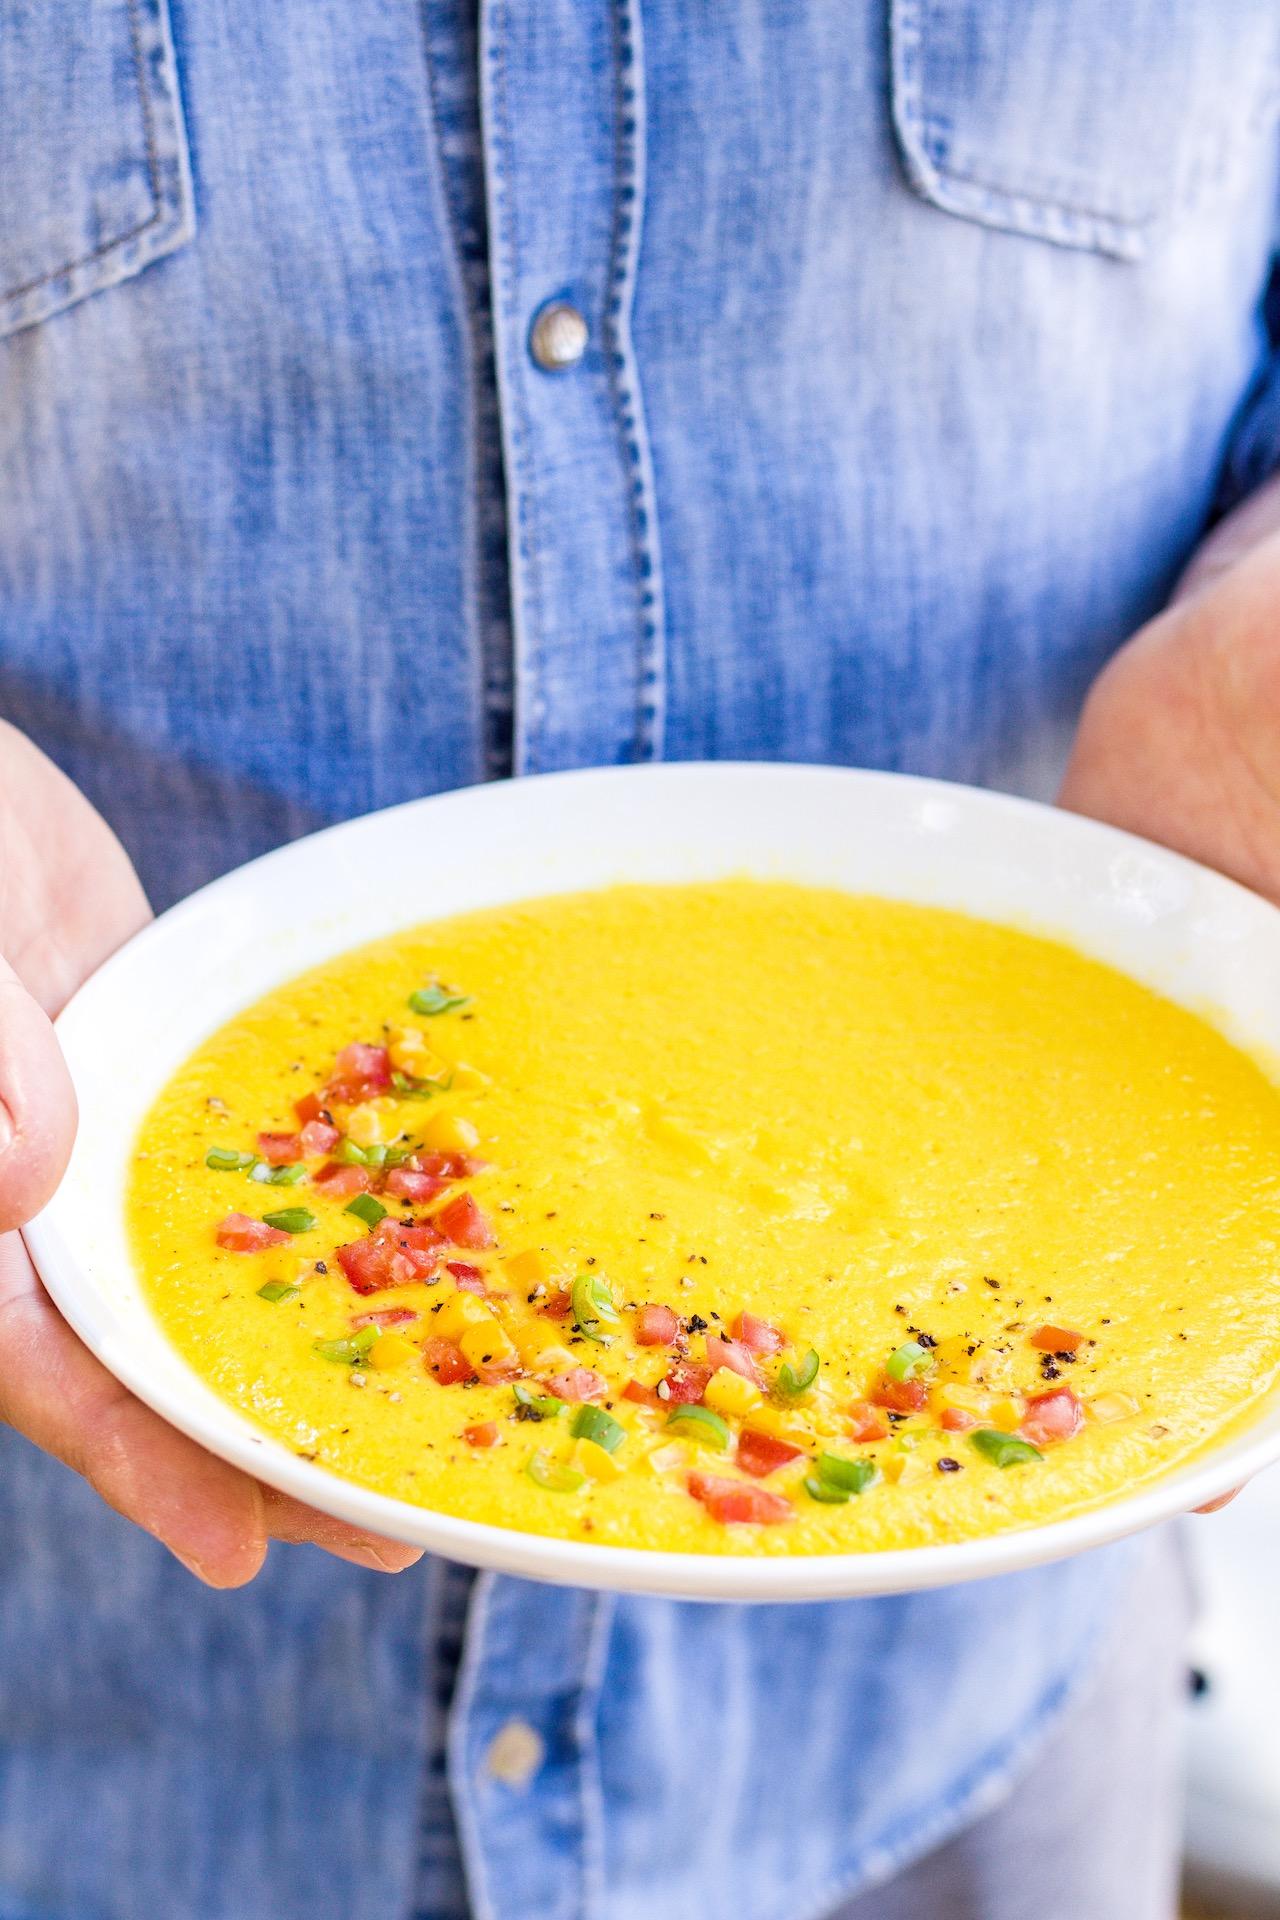 Erfrischende gelbe Gazpacho aus Mais, Paprika und Tomaten. Ganz fix und einfach gemacht und mega lecker! #gazpacho #gelb #spanien #mais #vegan #lecker #vegetarisch #suppe